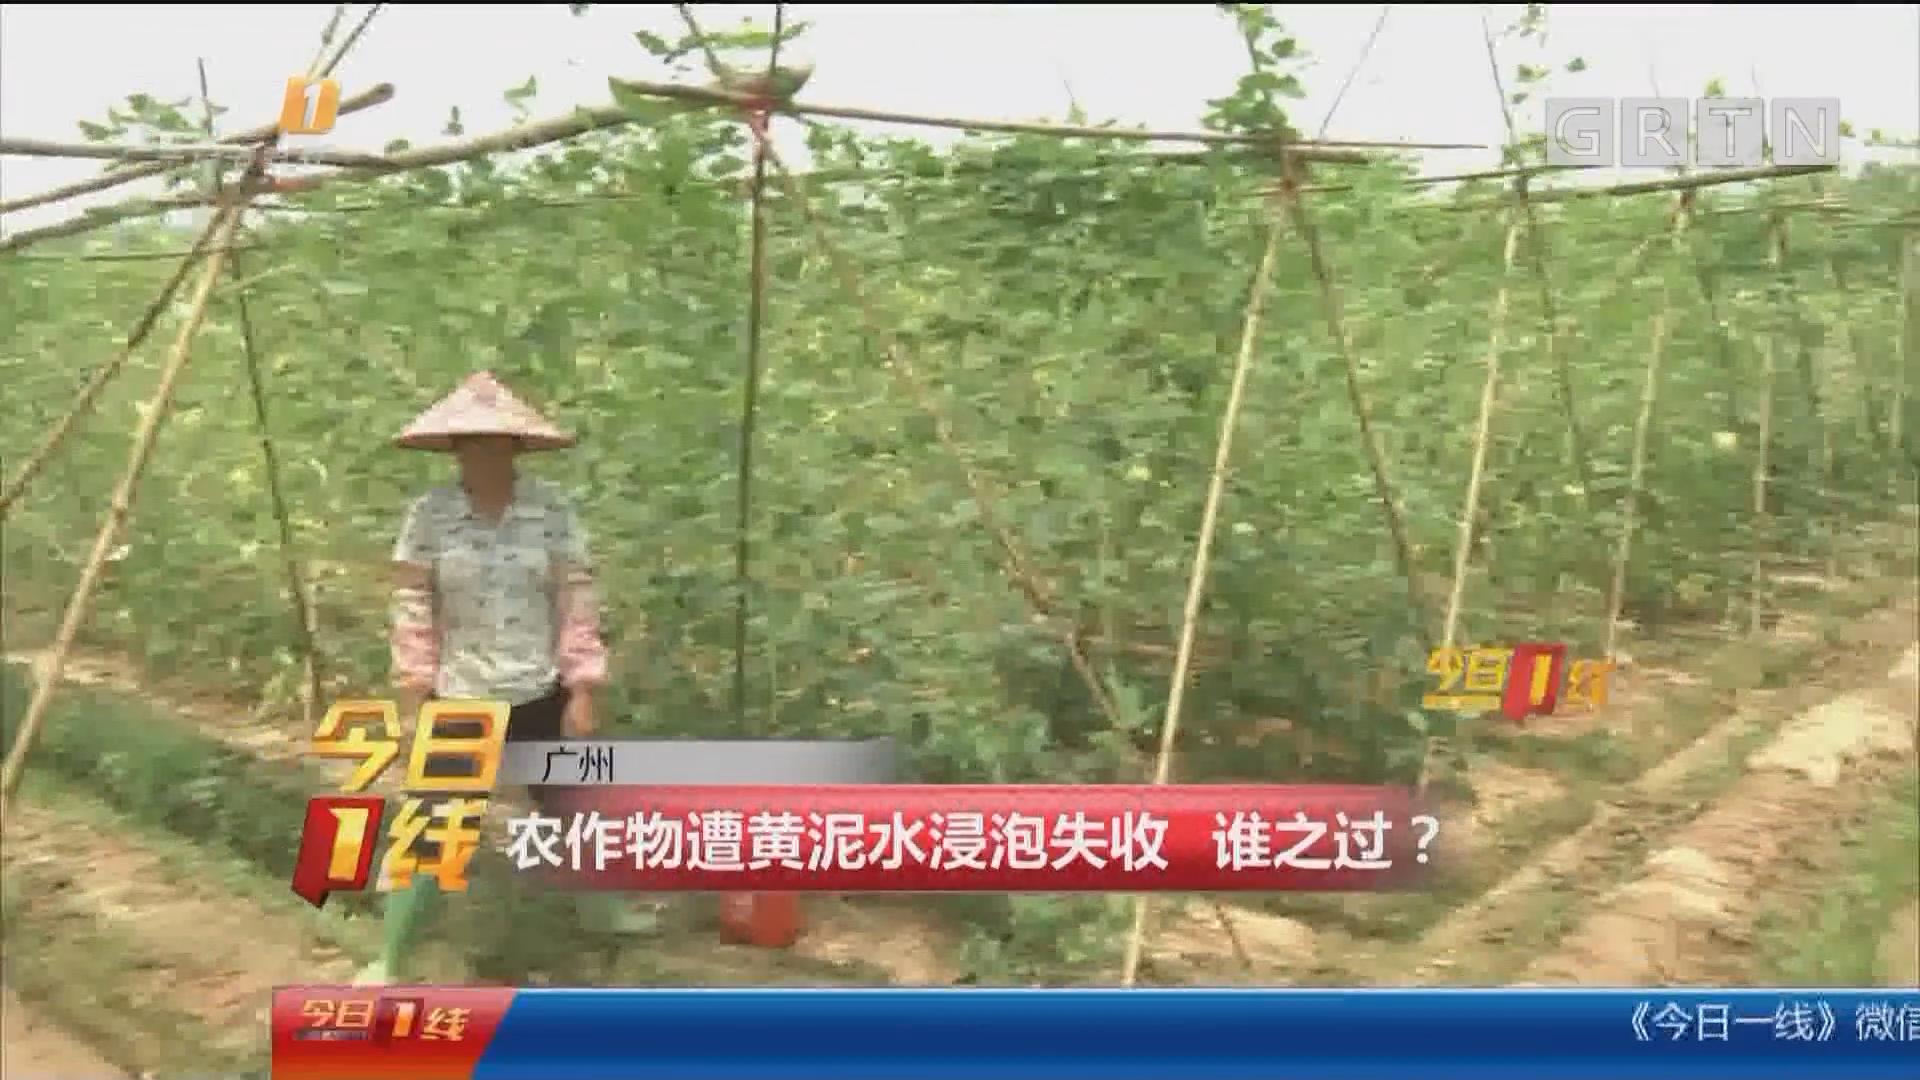 广州:农作物遭黄泥水浸泡失收 谁之过?